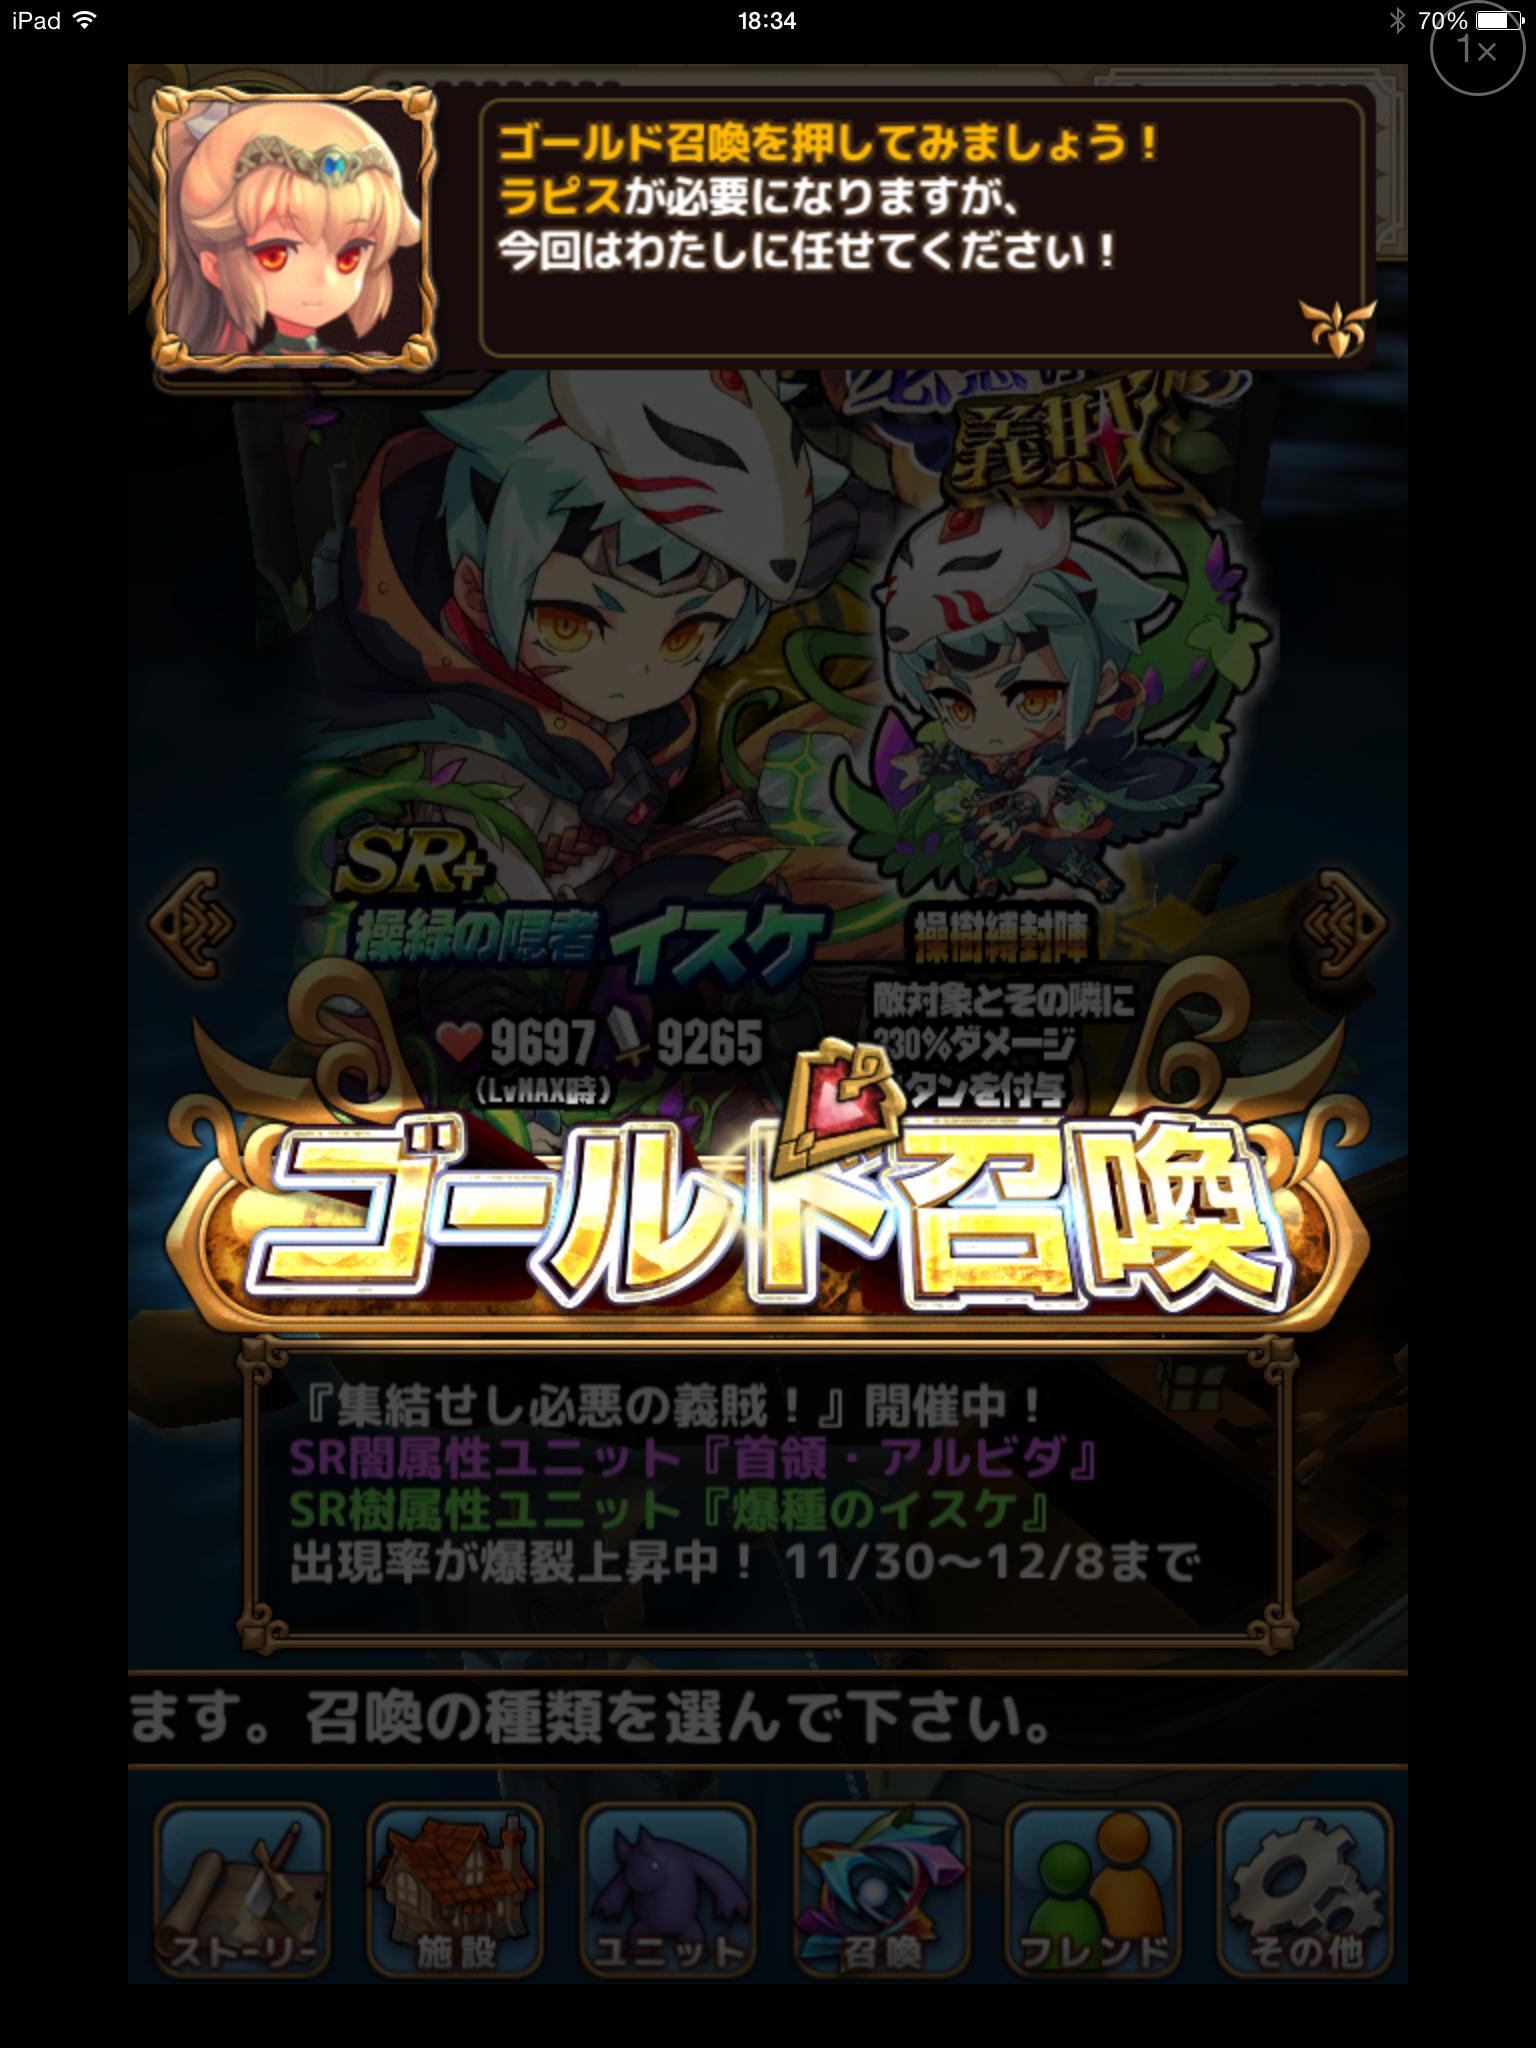 20141208_093424000_iOS